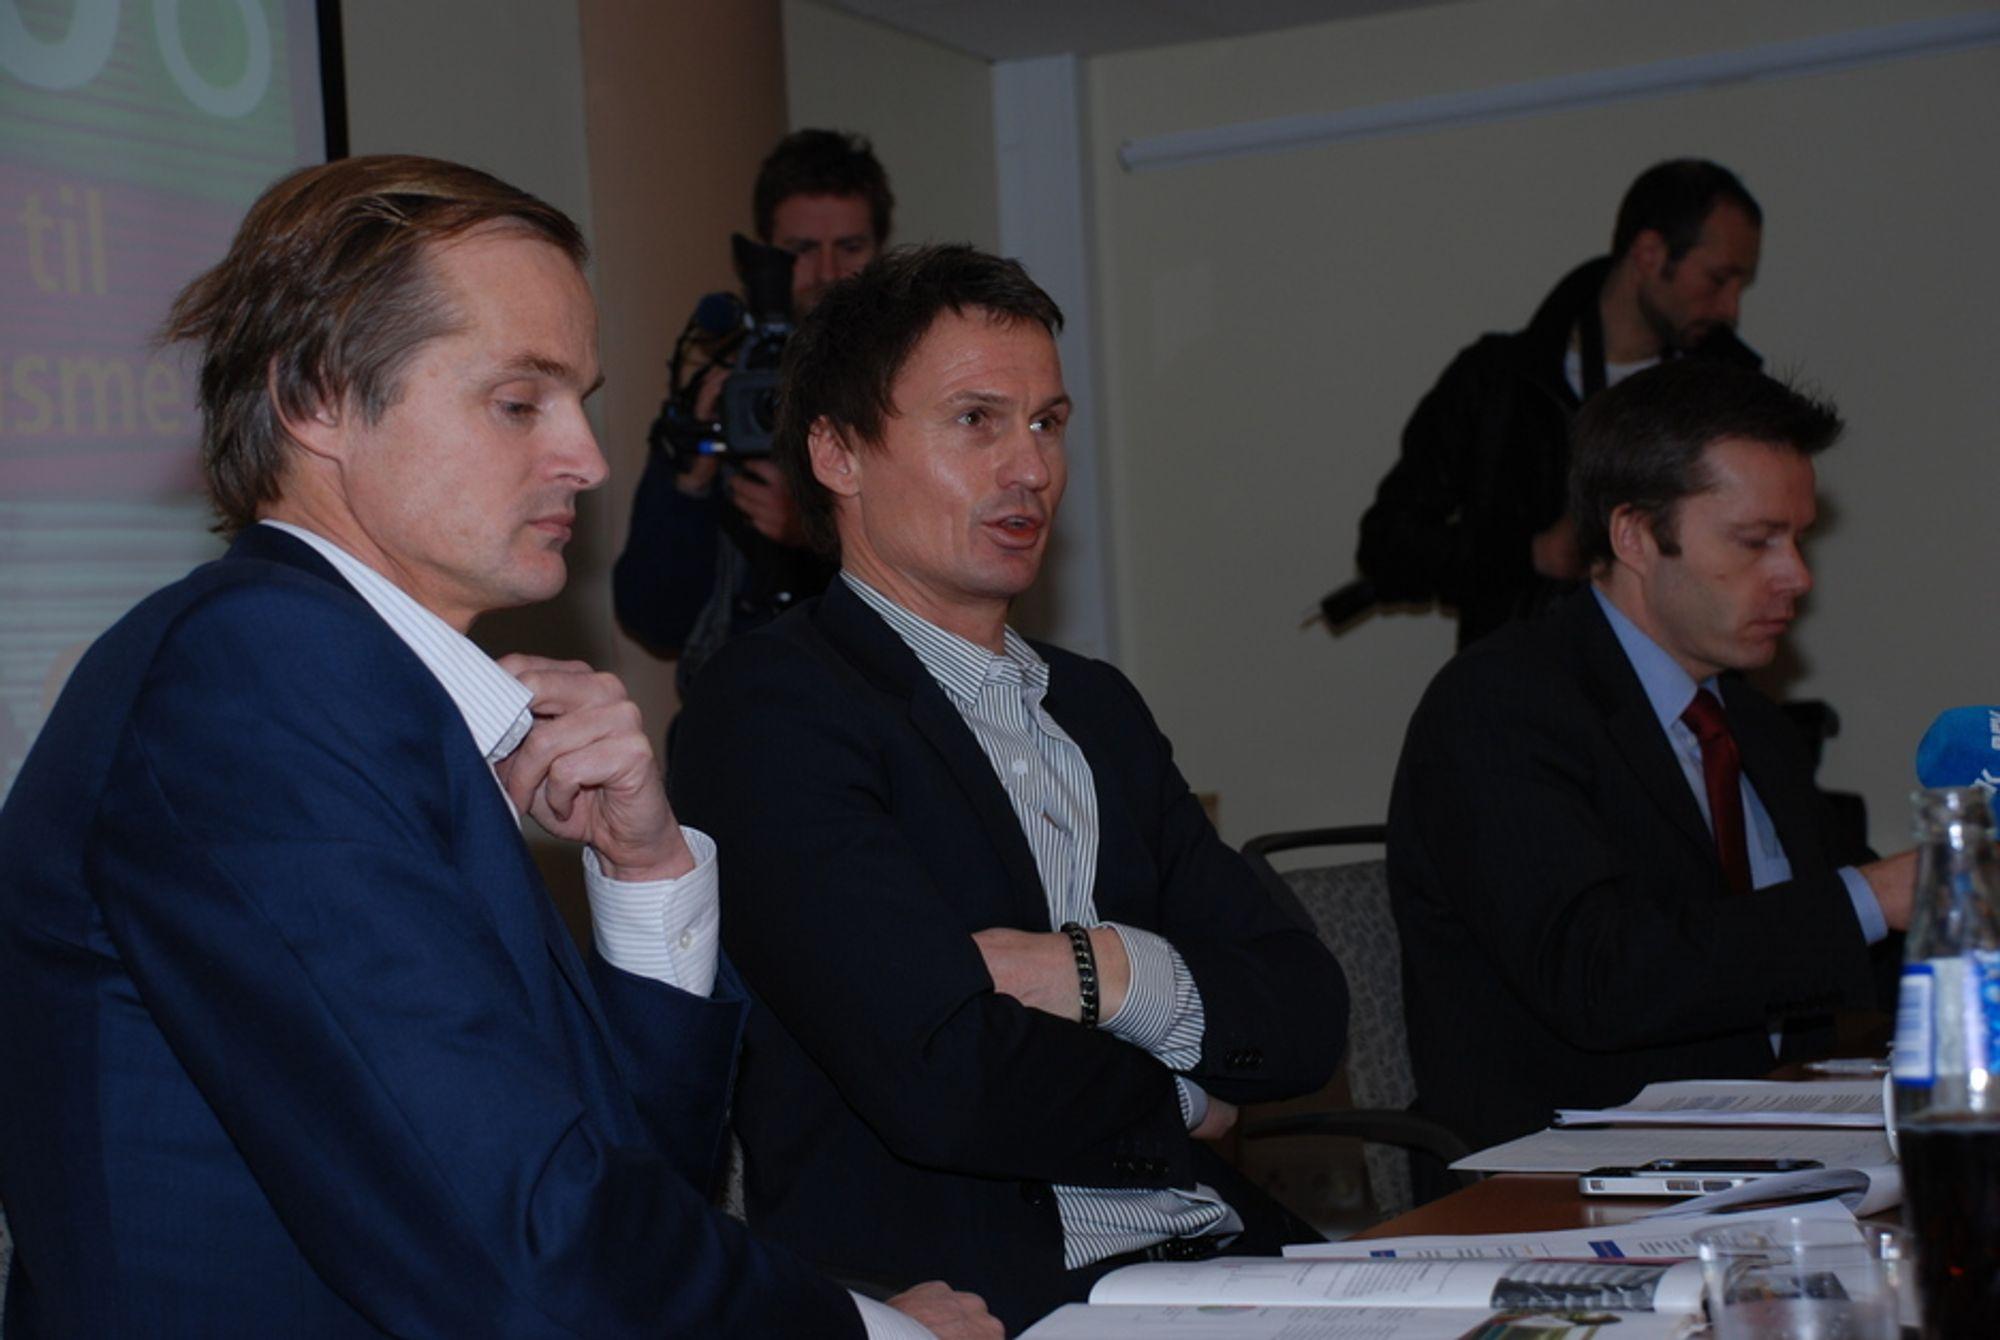 Øystein Stray Spetalen, Petter Stordalen og Ove Gusevik møtte et stort presseoppbud da de lanserte sitt selskap Unionen AS' oppkjøp av ytterligere eierandeler i Norske Skog.